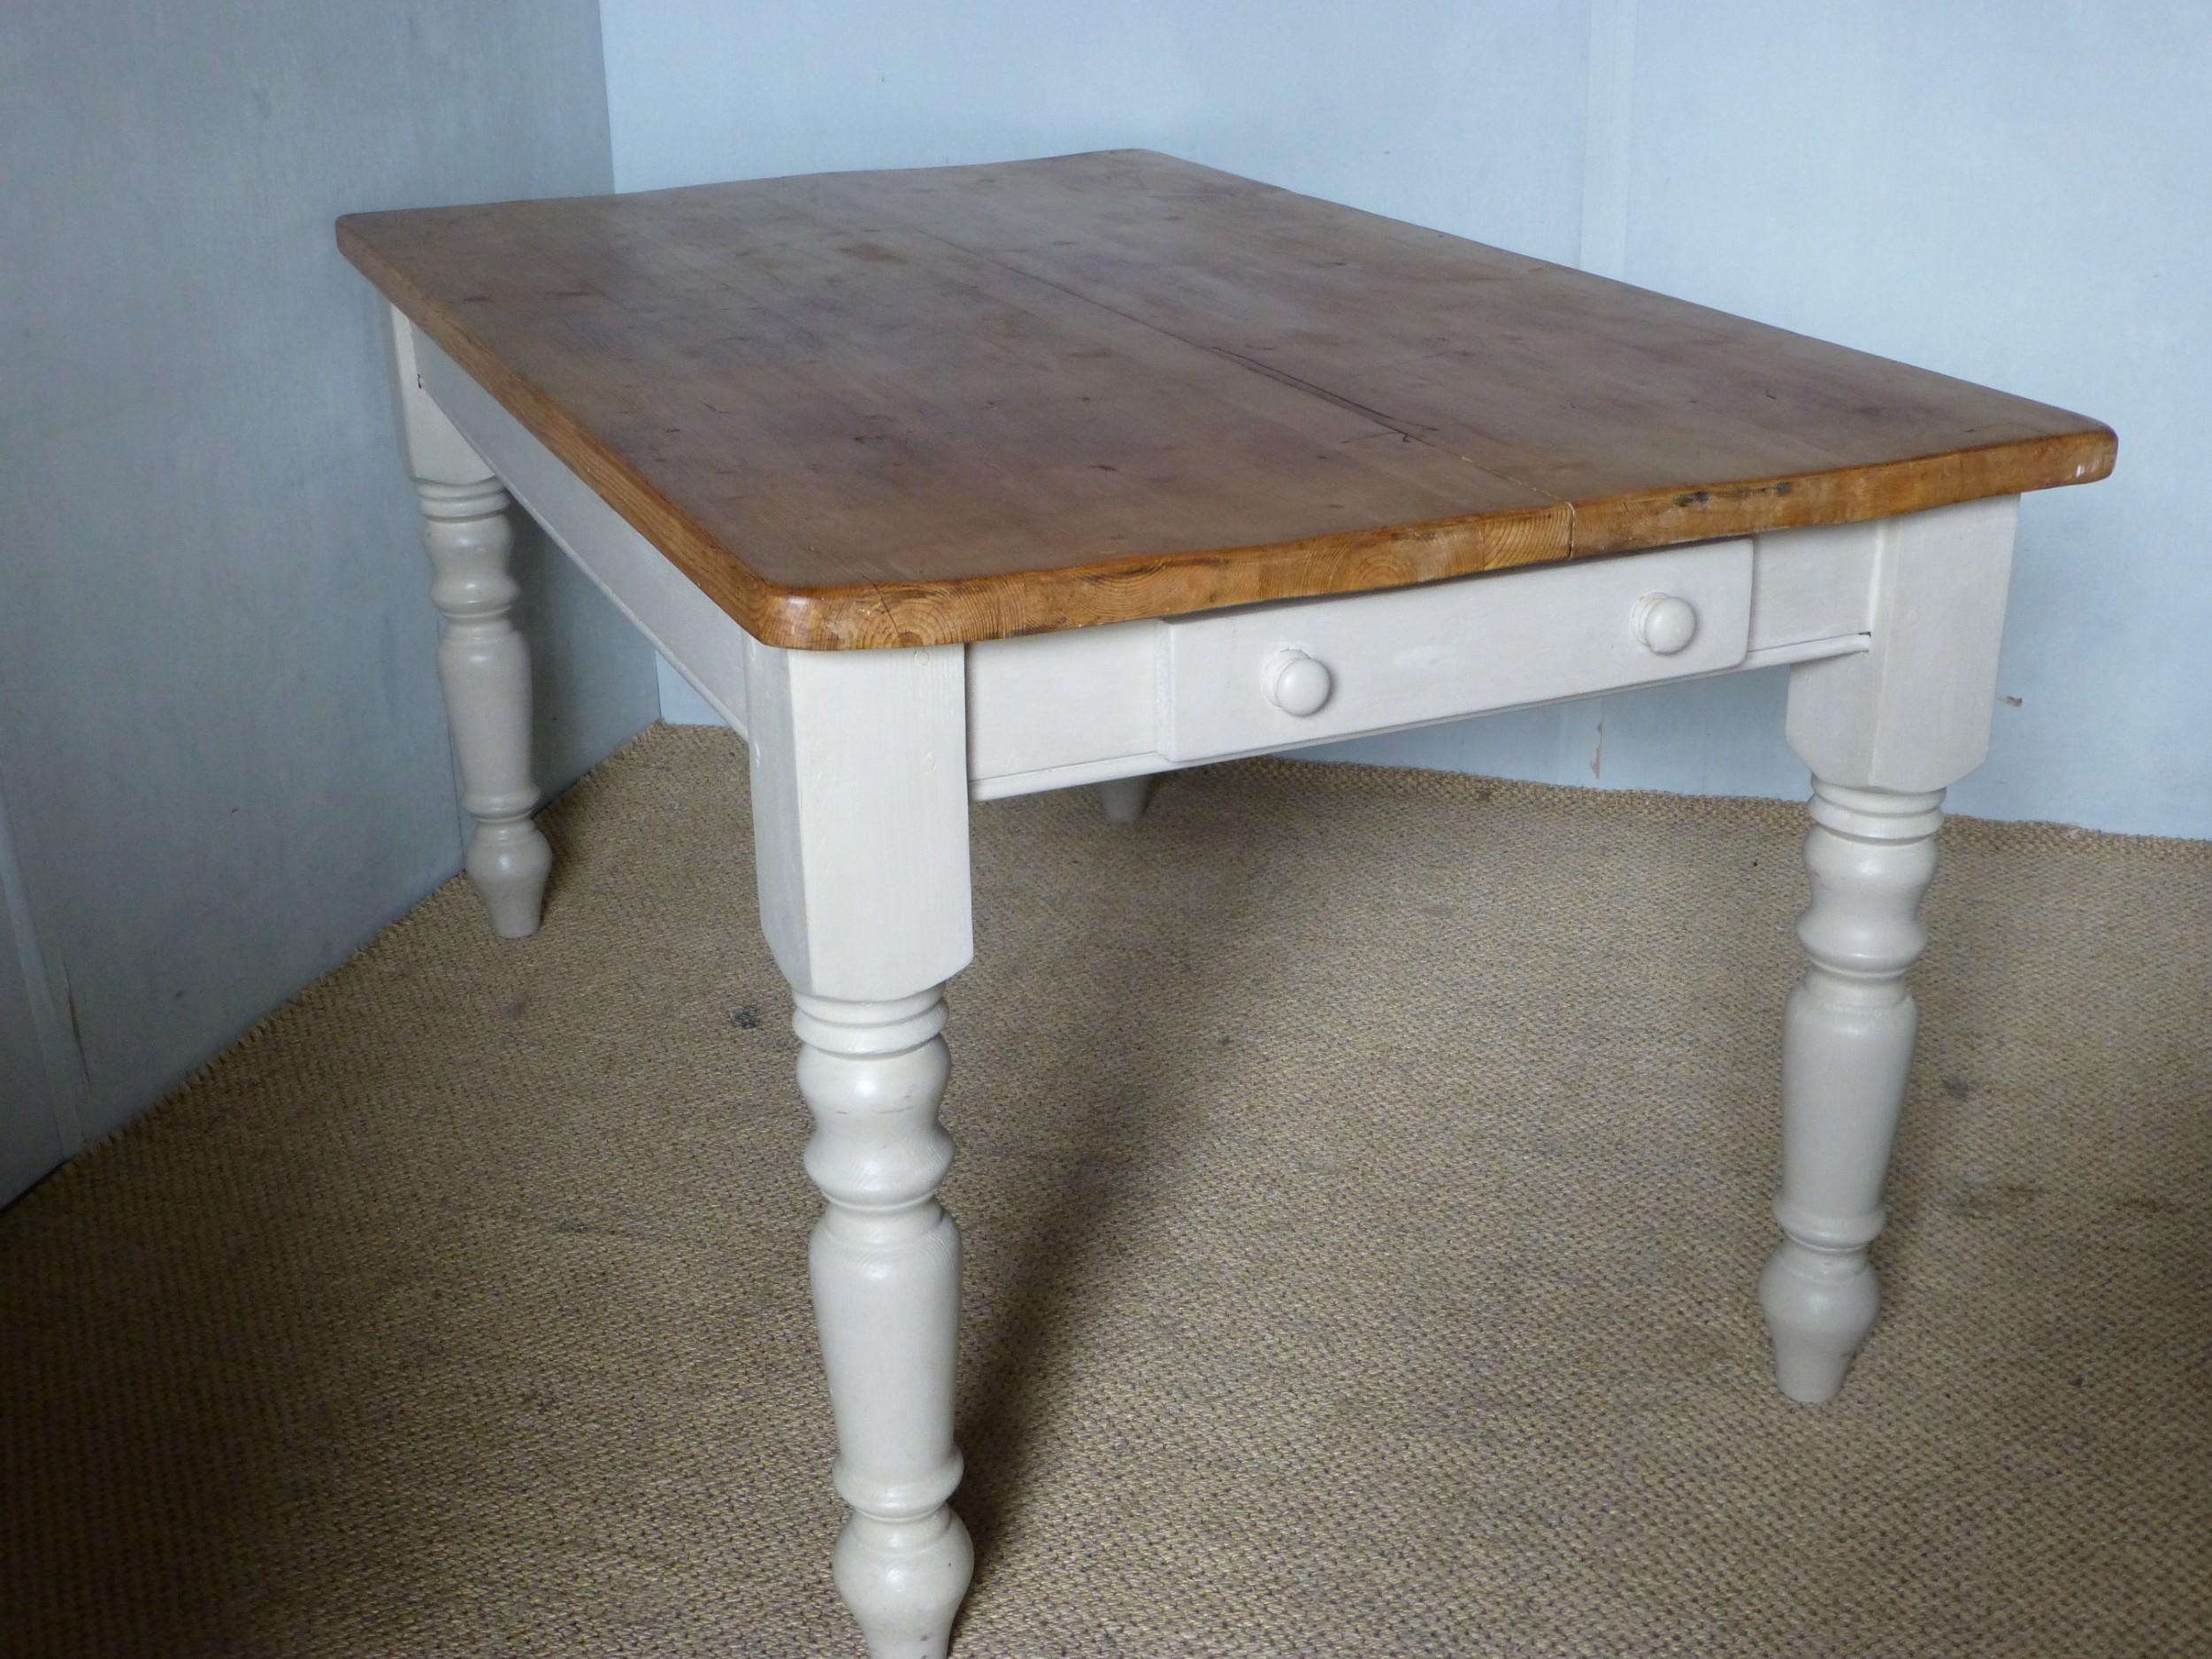 pine scrub top farmhouse kitchen table